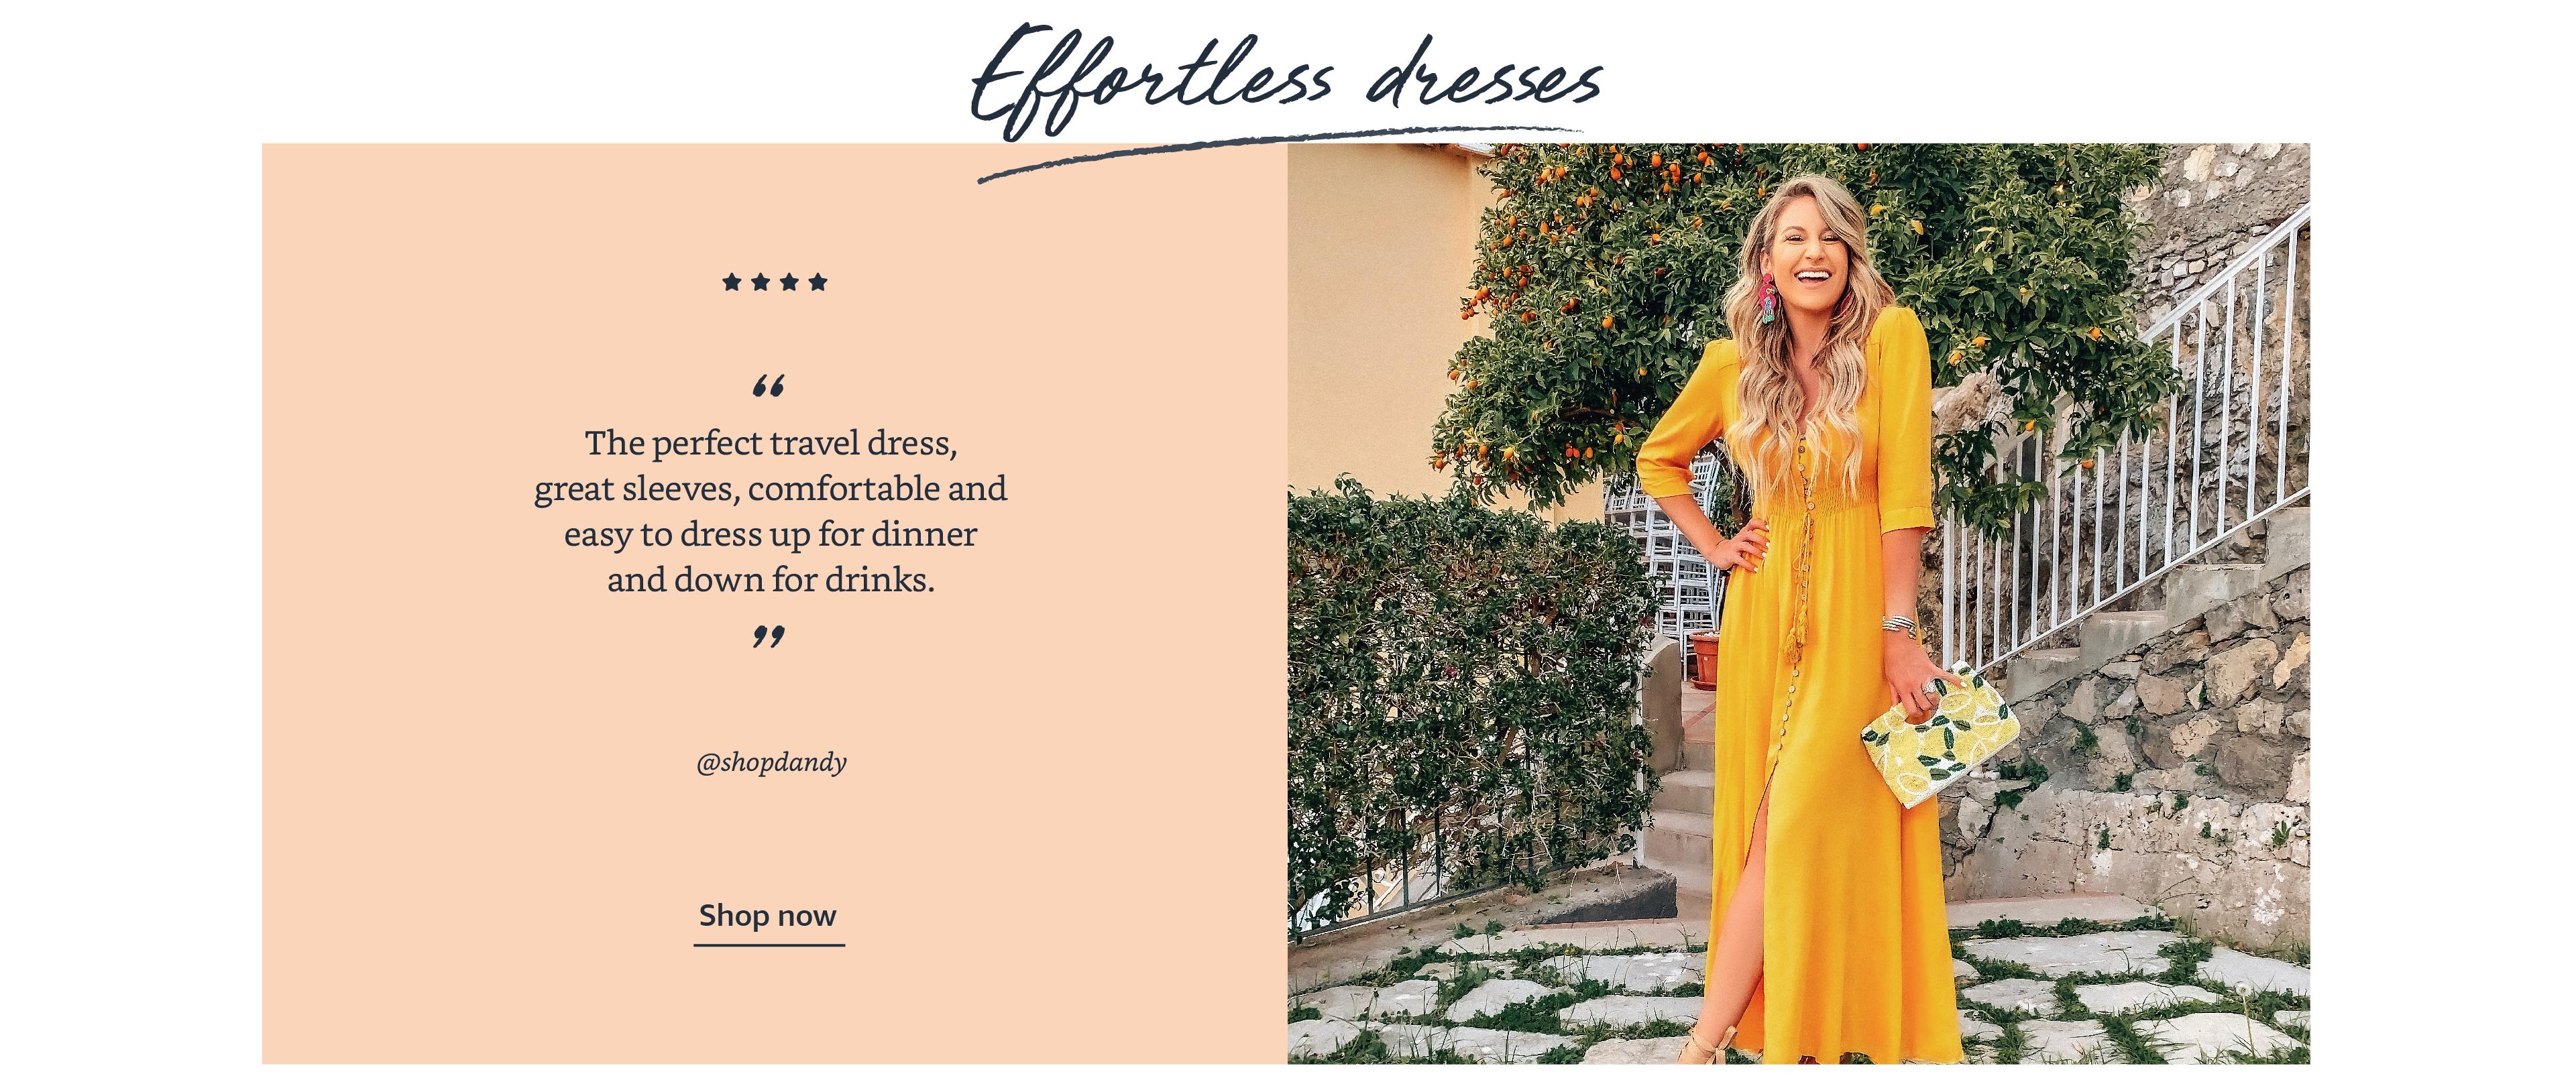 Effortless dresses